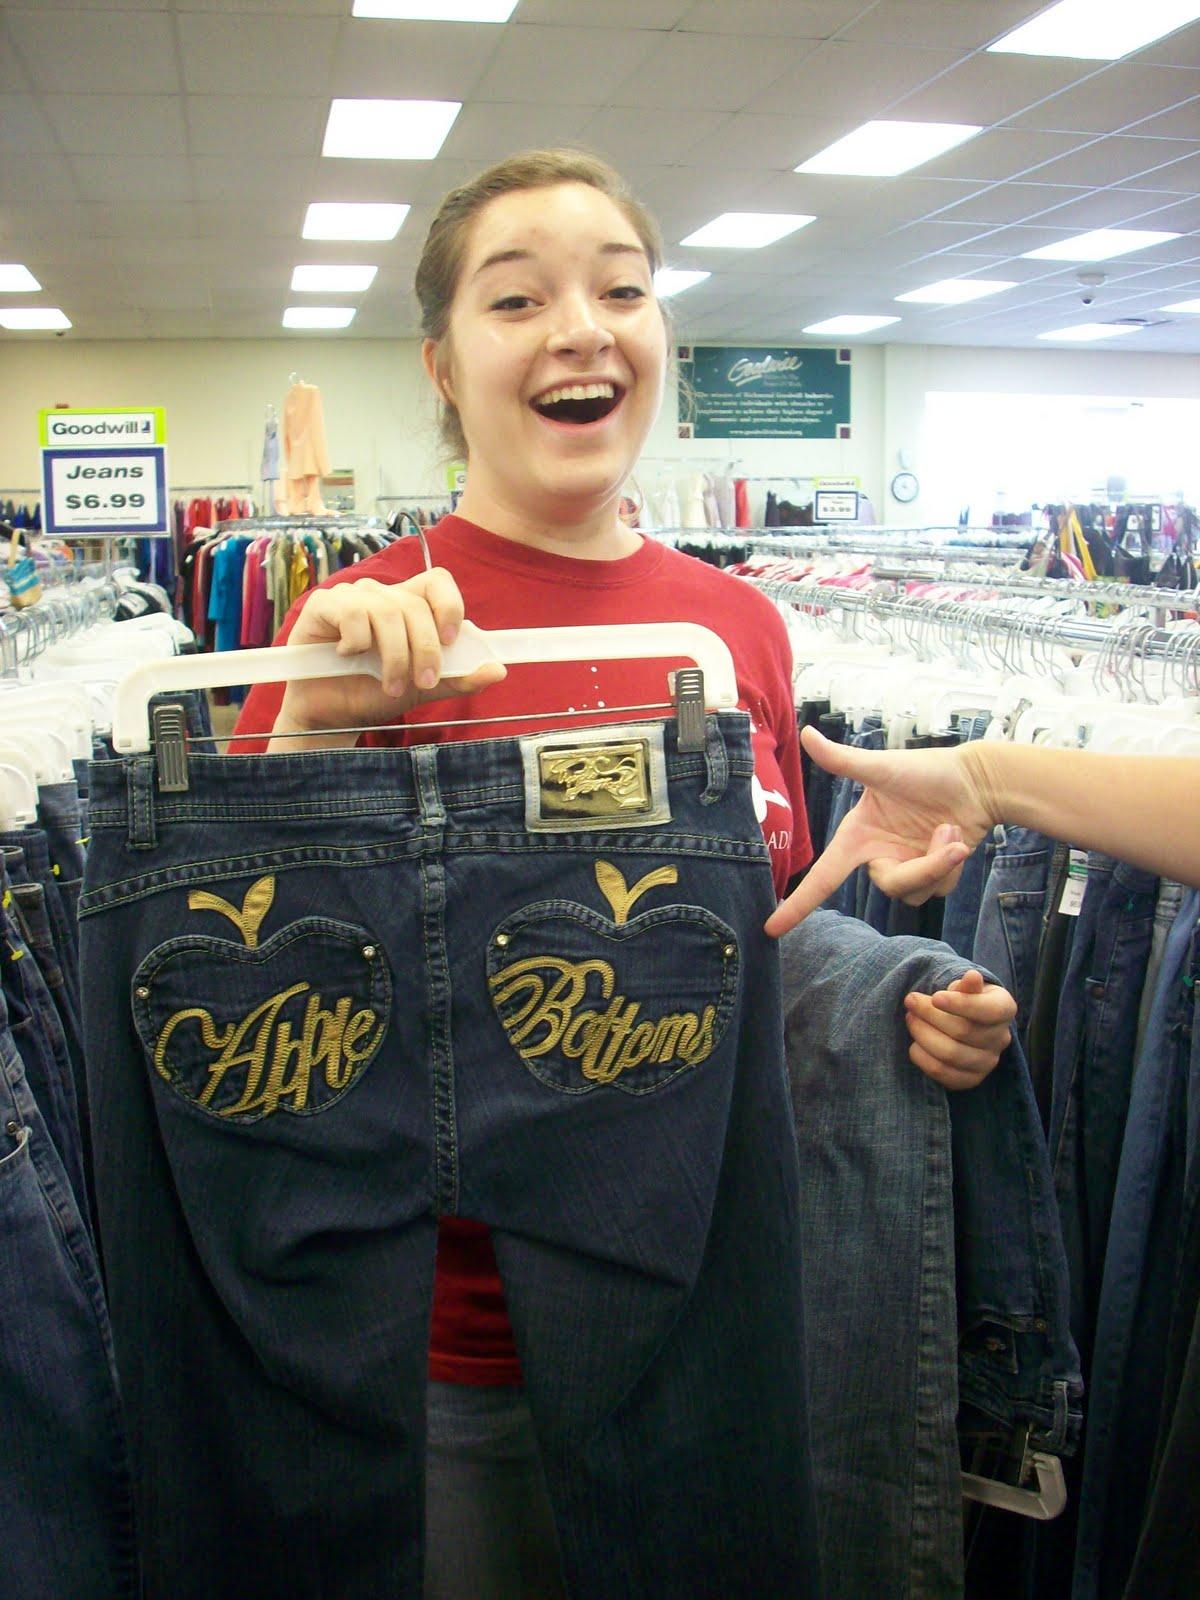 Apple bottom jeans for women